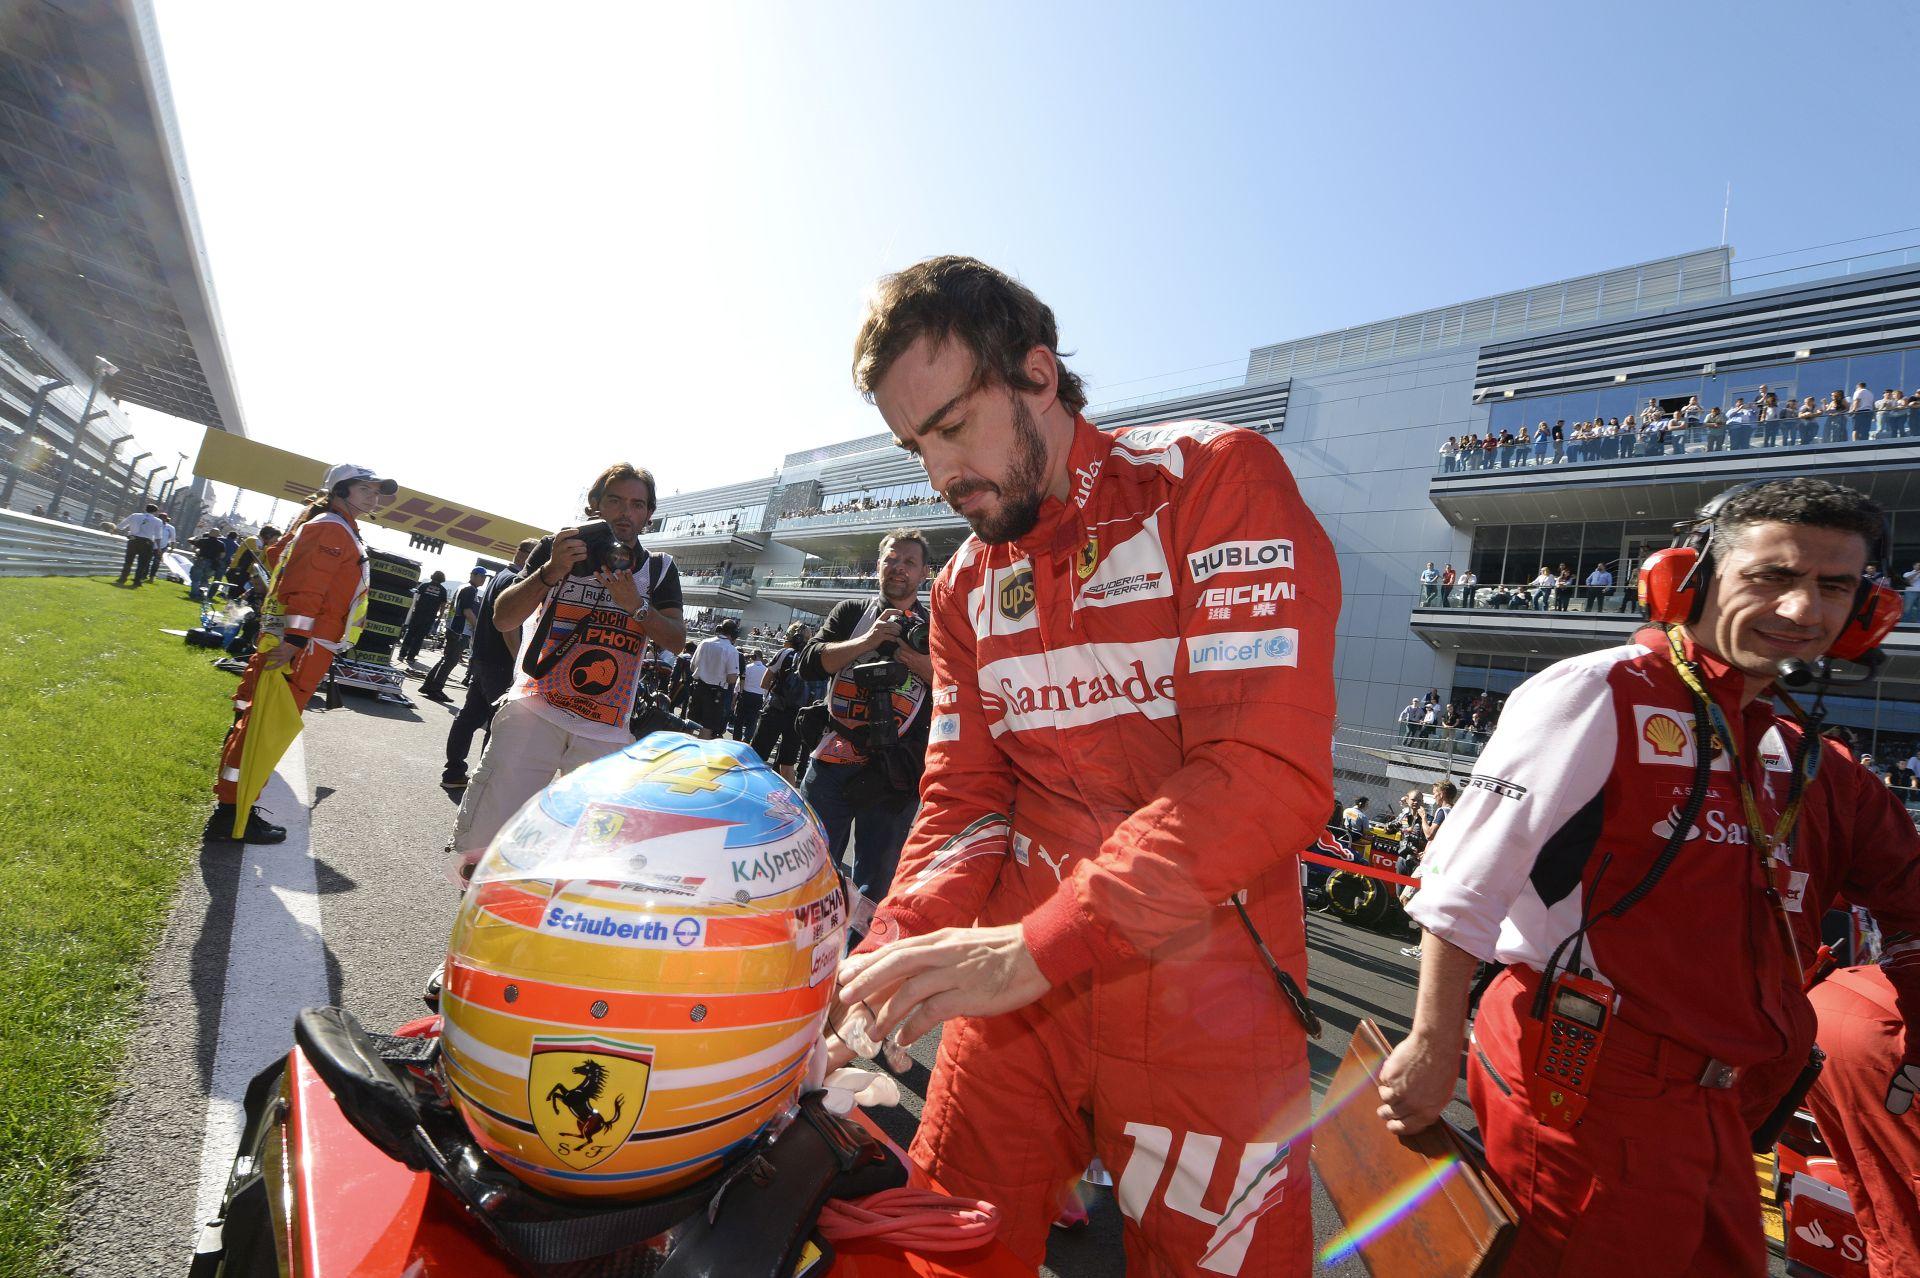 Alonso biztosan nem hagy ki egy évet a Forma-1-ben, mert csúcsformában van és újabb címeket akar szerezni